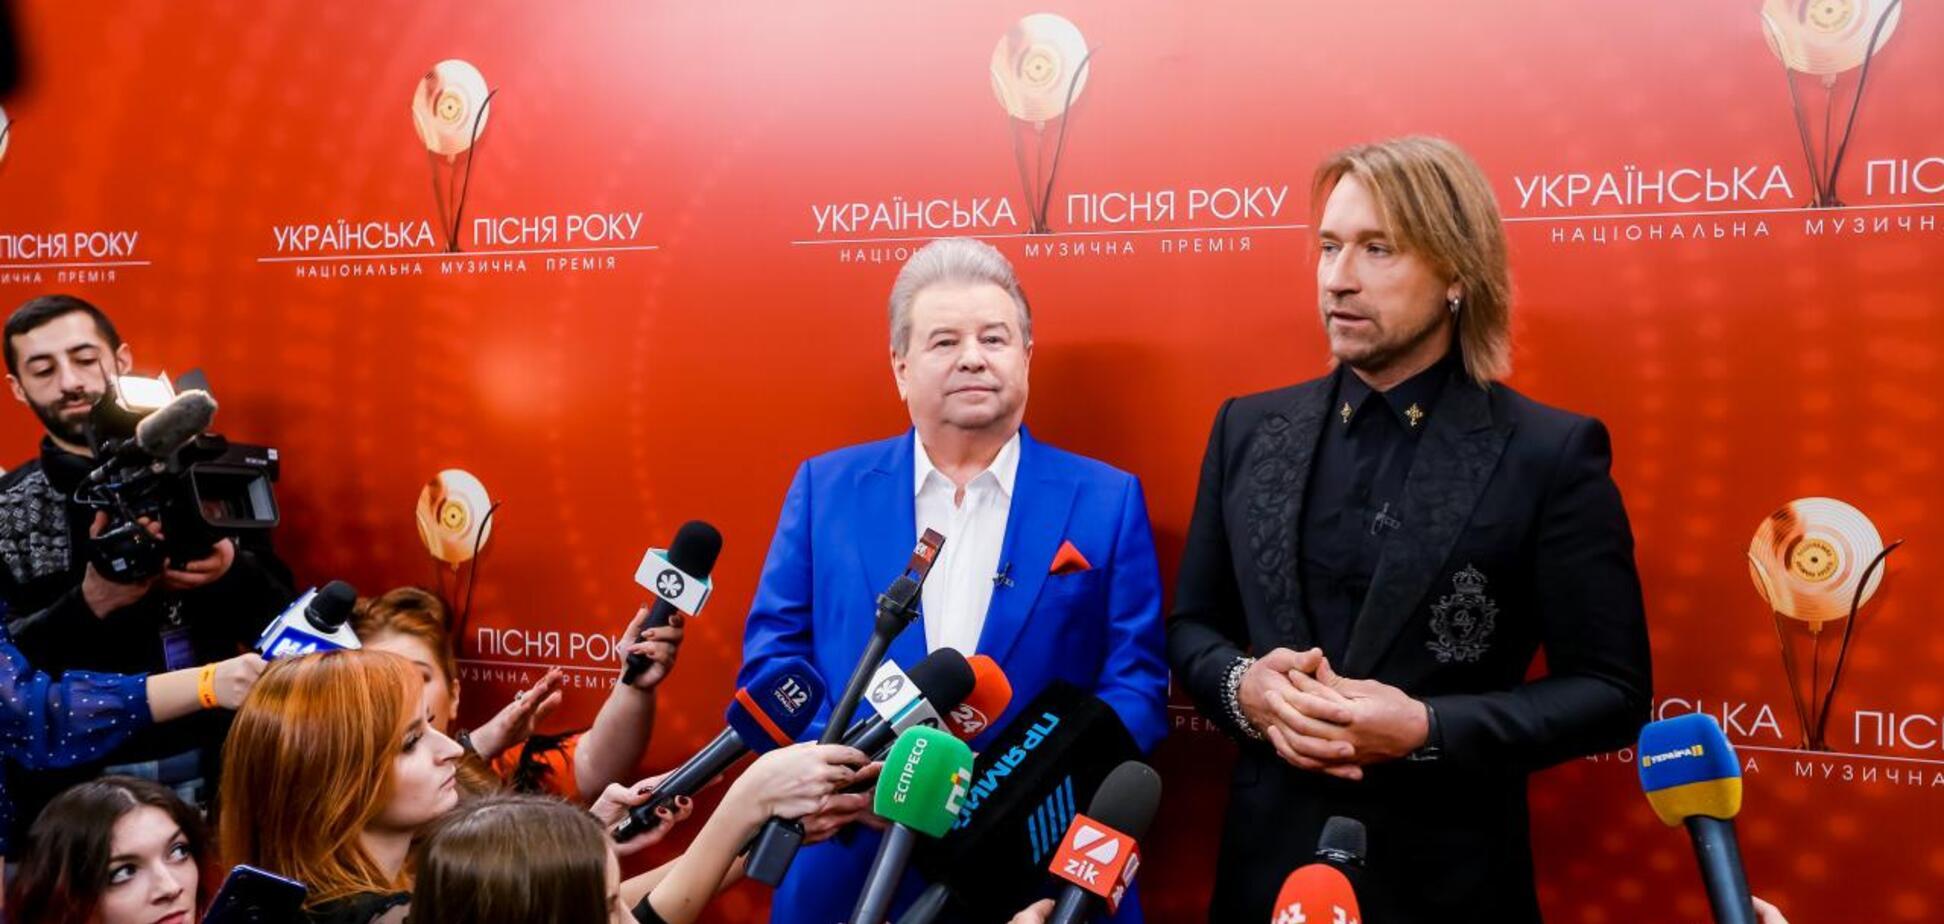 Михайло Поплавський і Олег Винник відродили 'Українську пісню року'